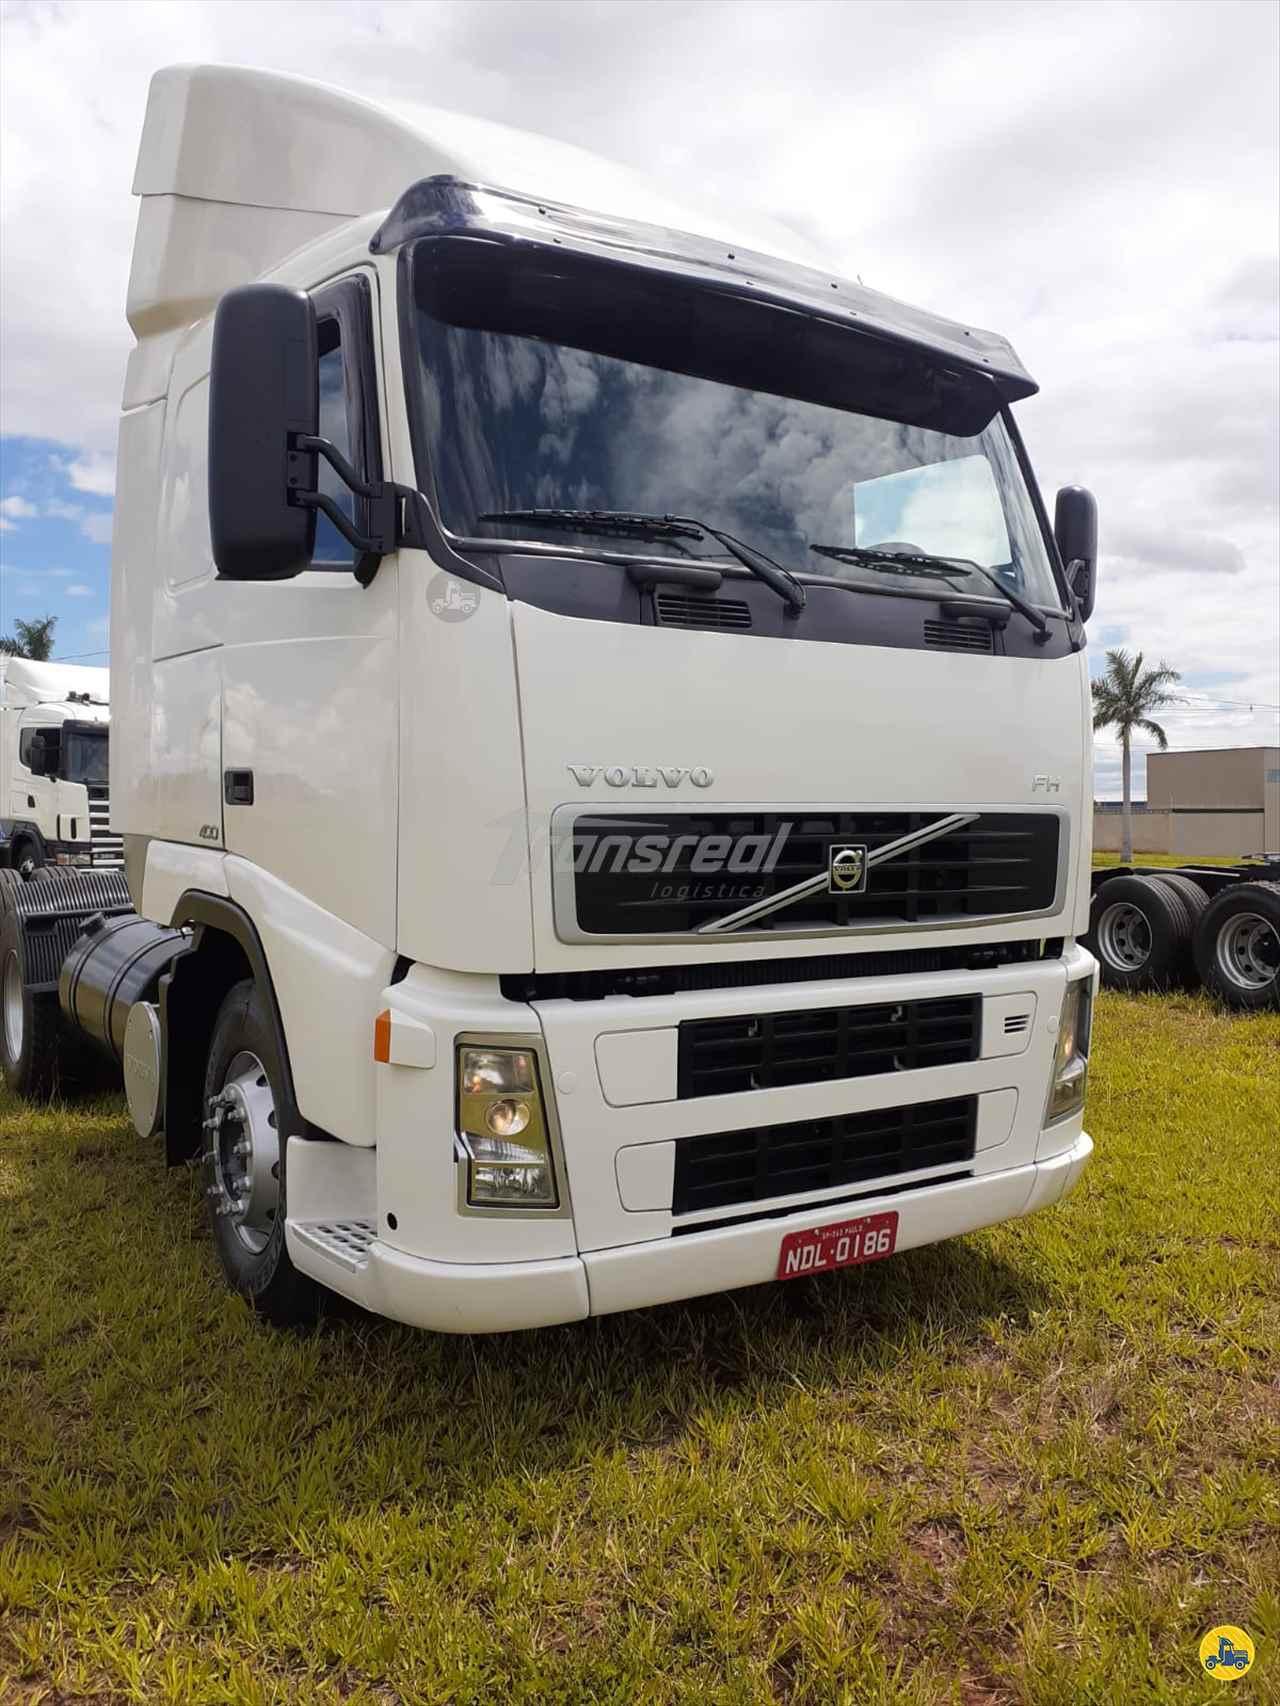 CAMINHAO VOLVO VOLVO FH 400 Cavalo Mecânico Truck 6x2 Transportadora Trans Real São José do Rio Preto SÃO PAULO SP